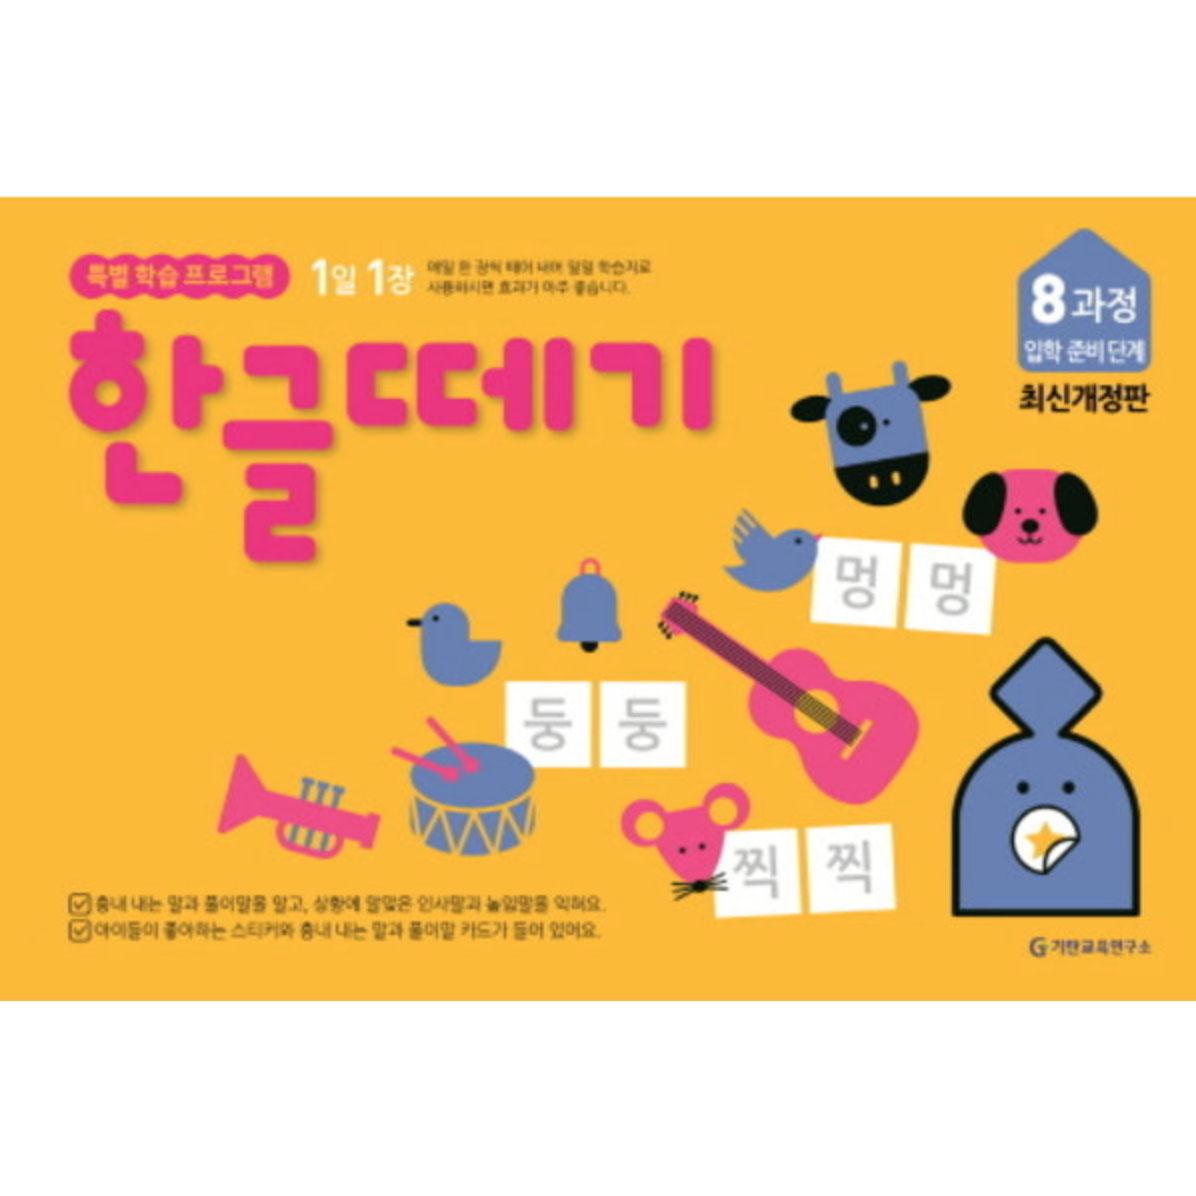 [기탄출판] 1일 1장 한글떼기 – 8과정